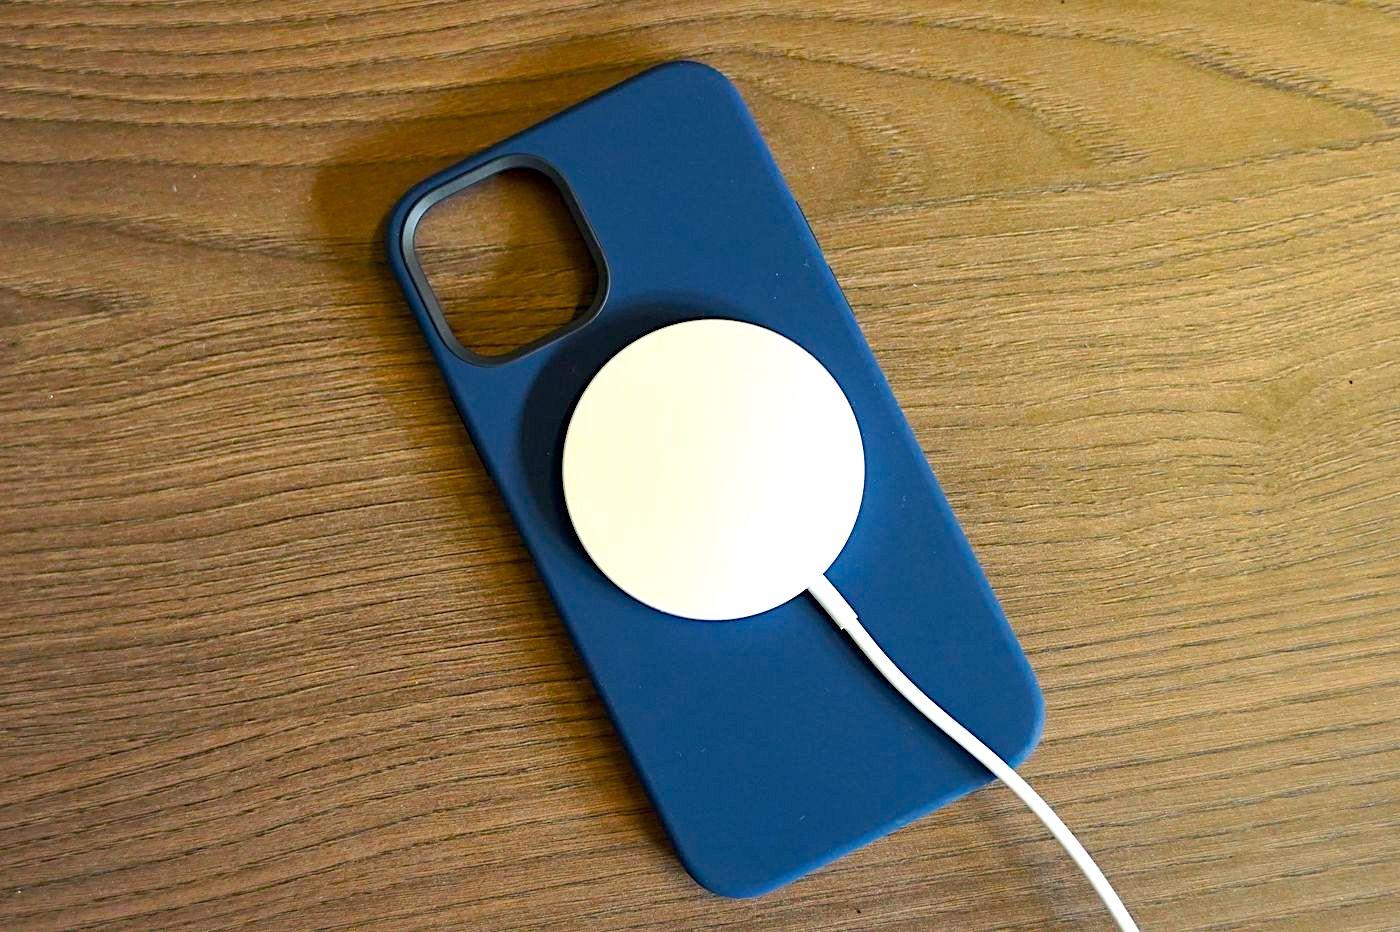 MagSafe : La coque spéciale d'Apple n'est pas obligatoire